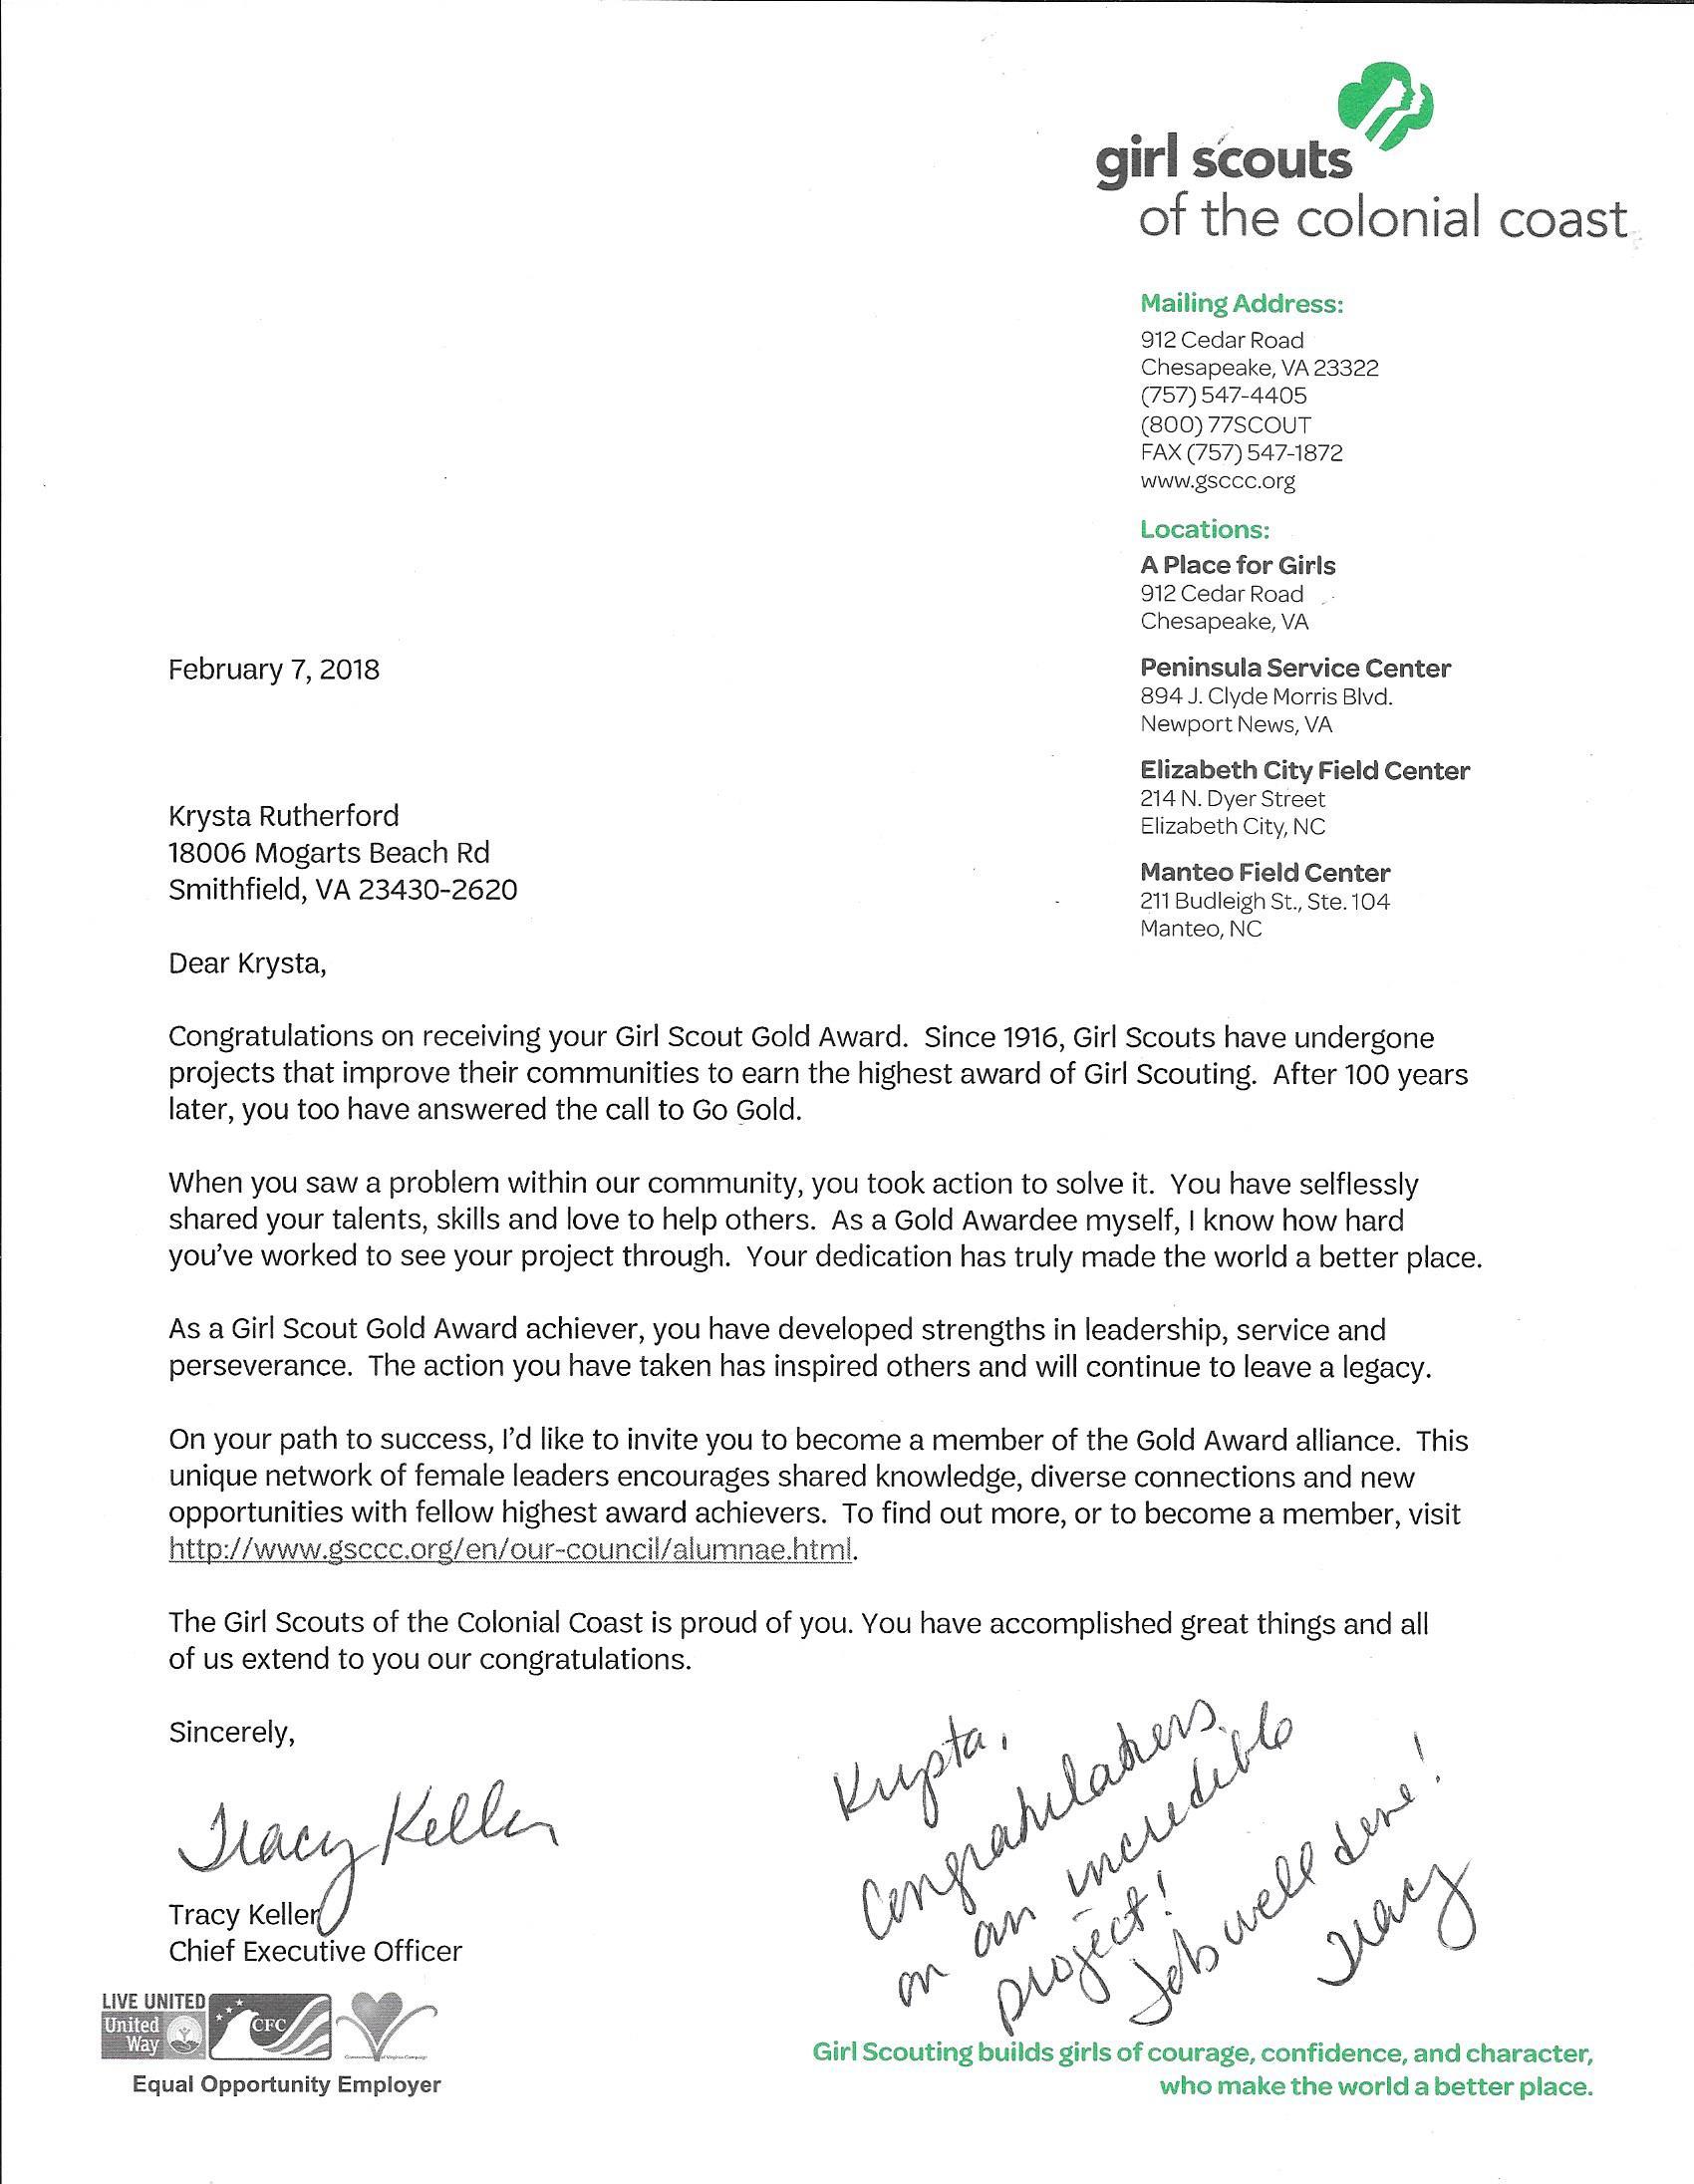 Letter from Tracey Keller.jpg